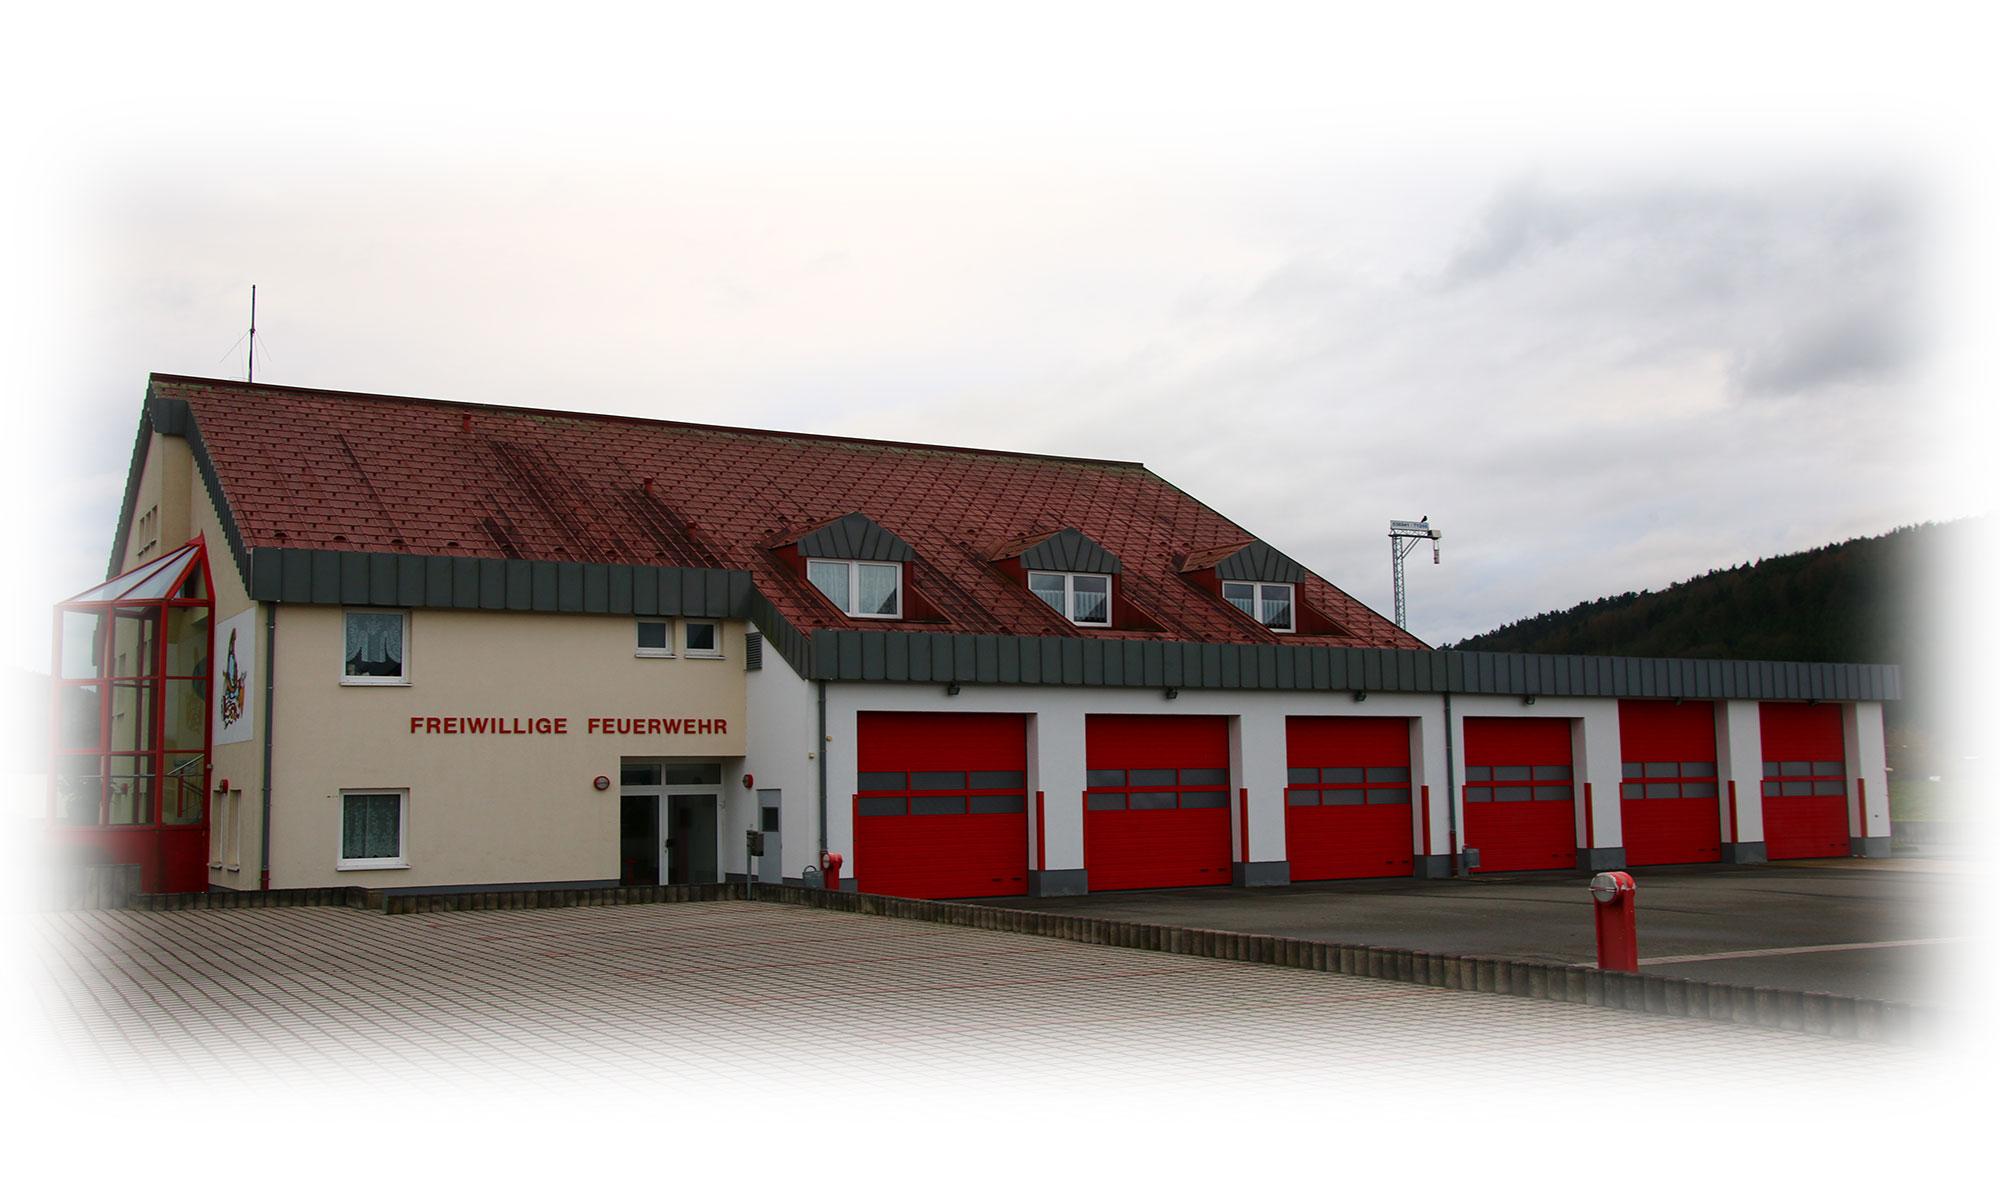 Freiwillige Feuerwehr Wasungen